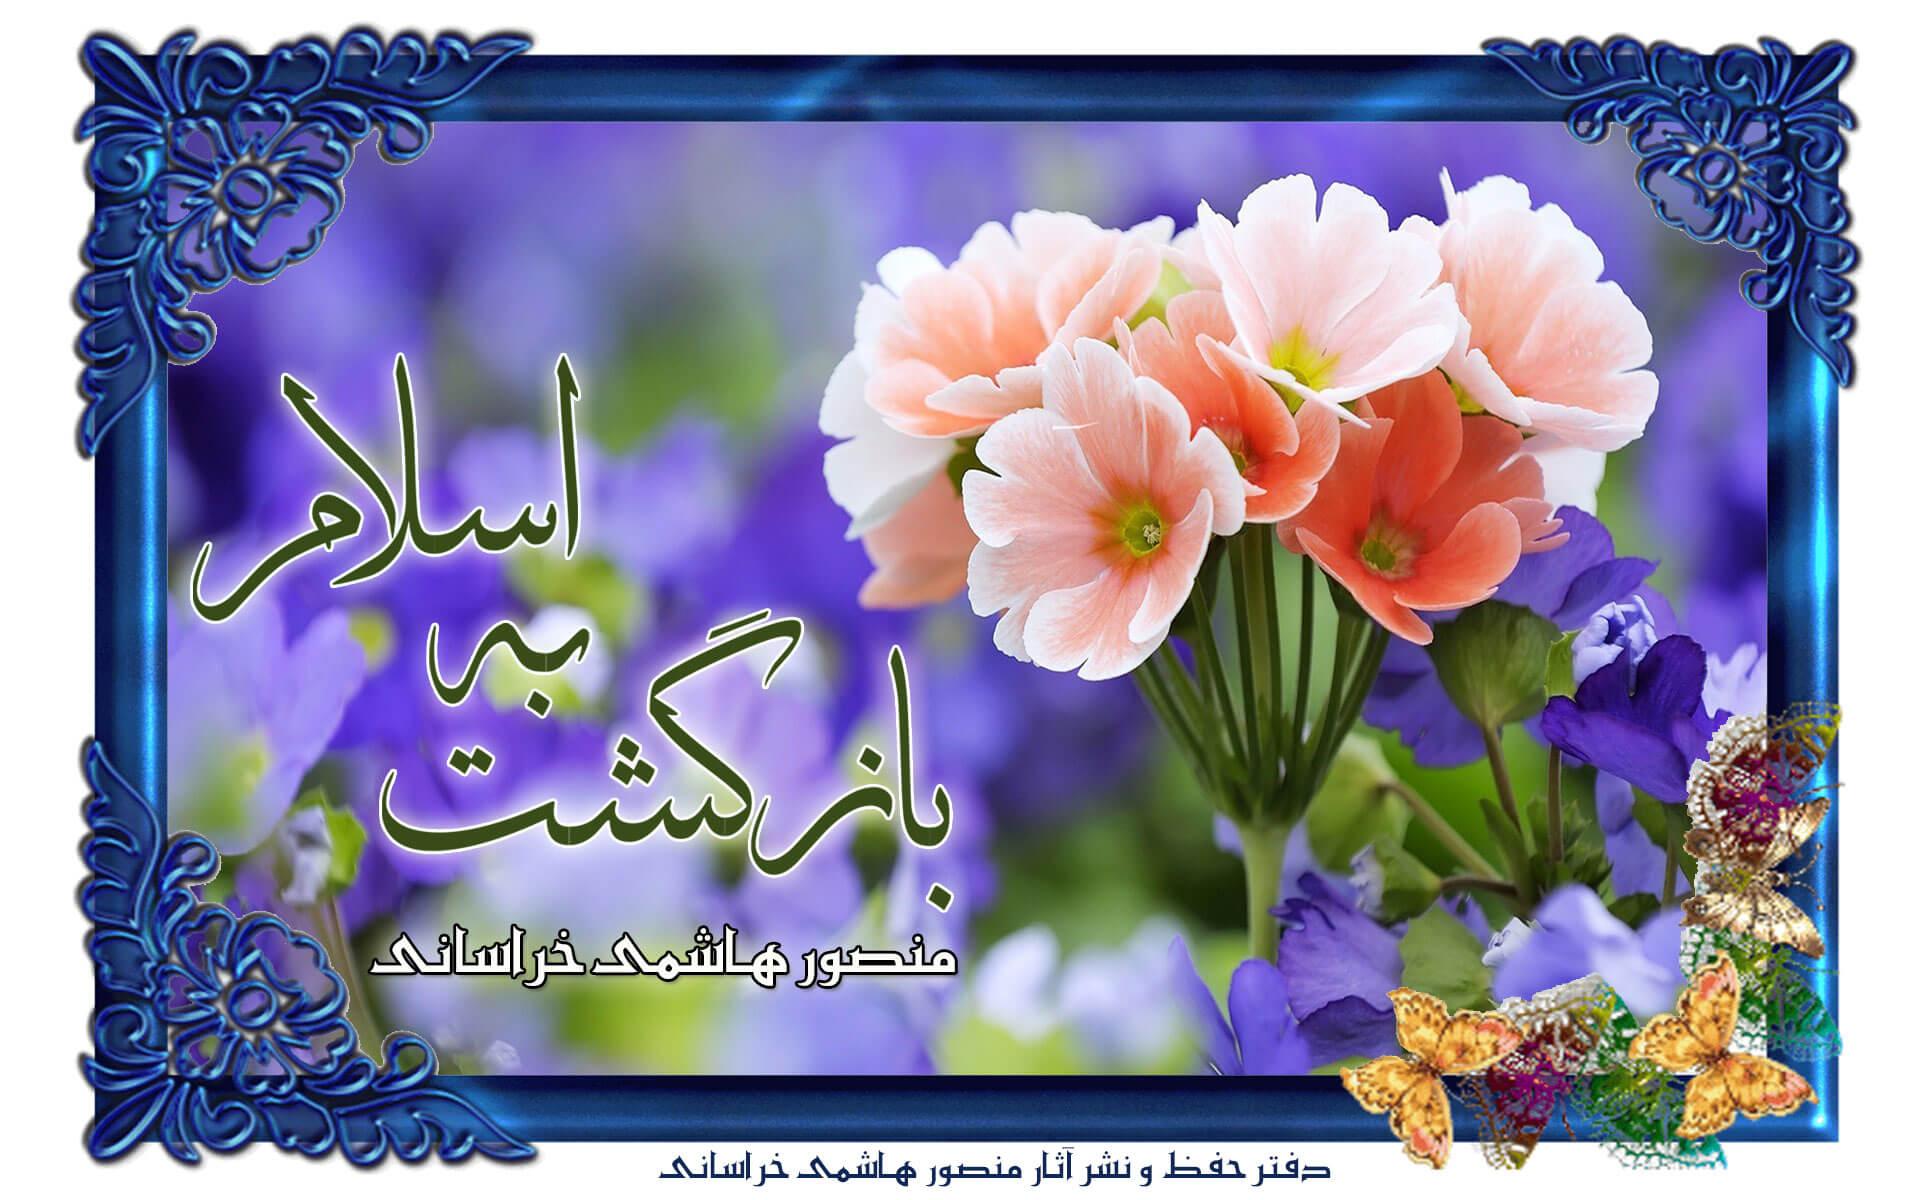 کتاب «بازگشت به اسلام» (2)